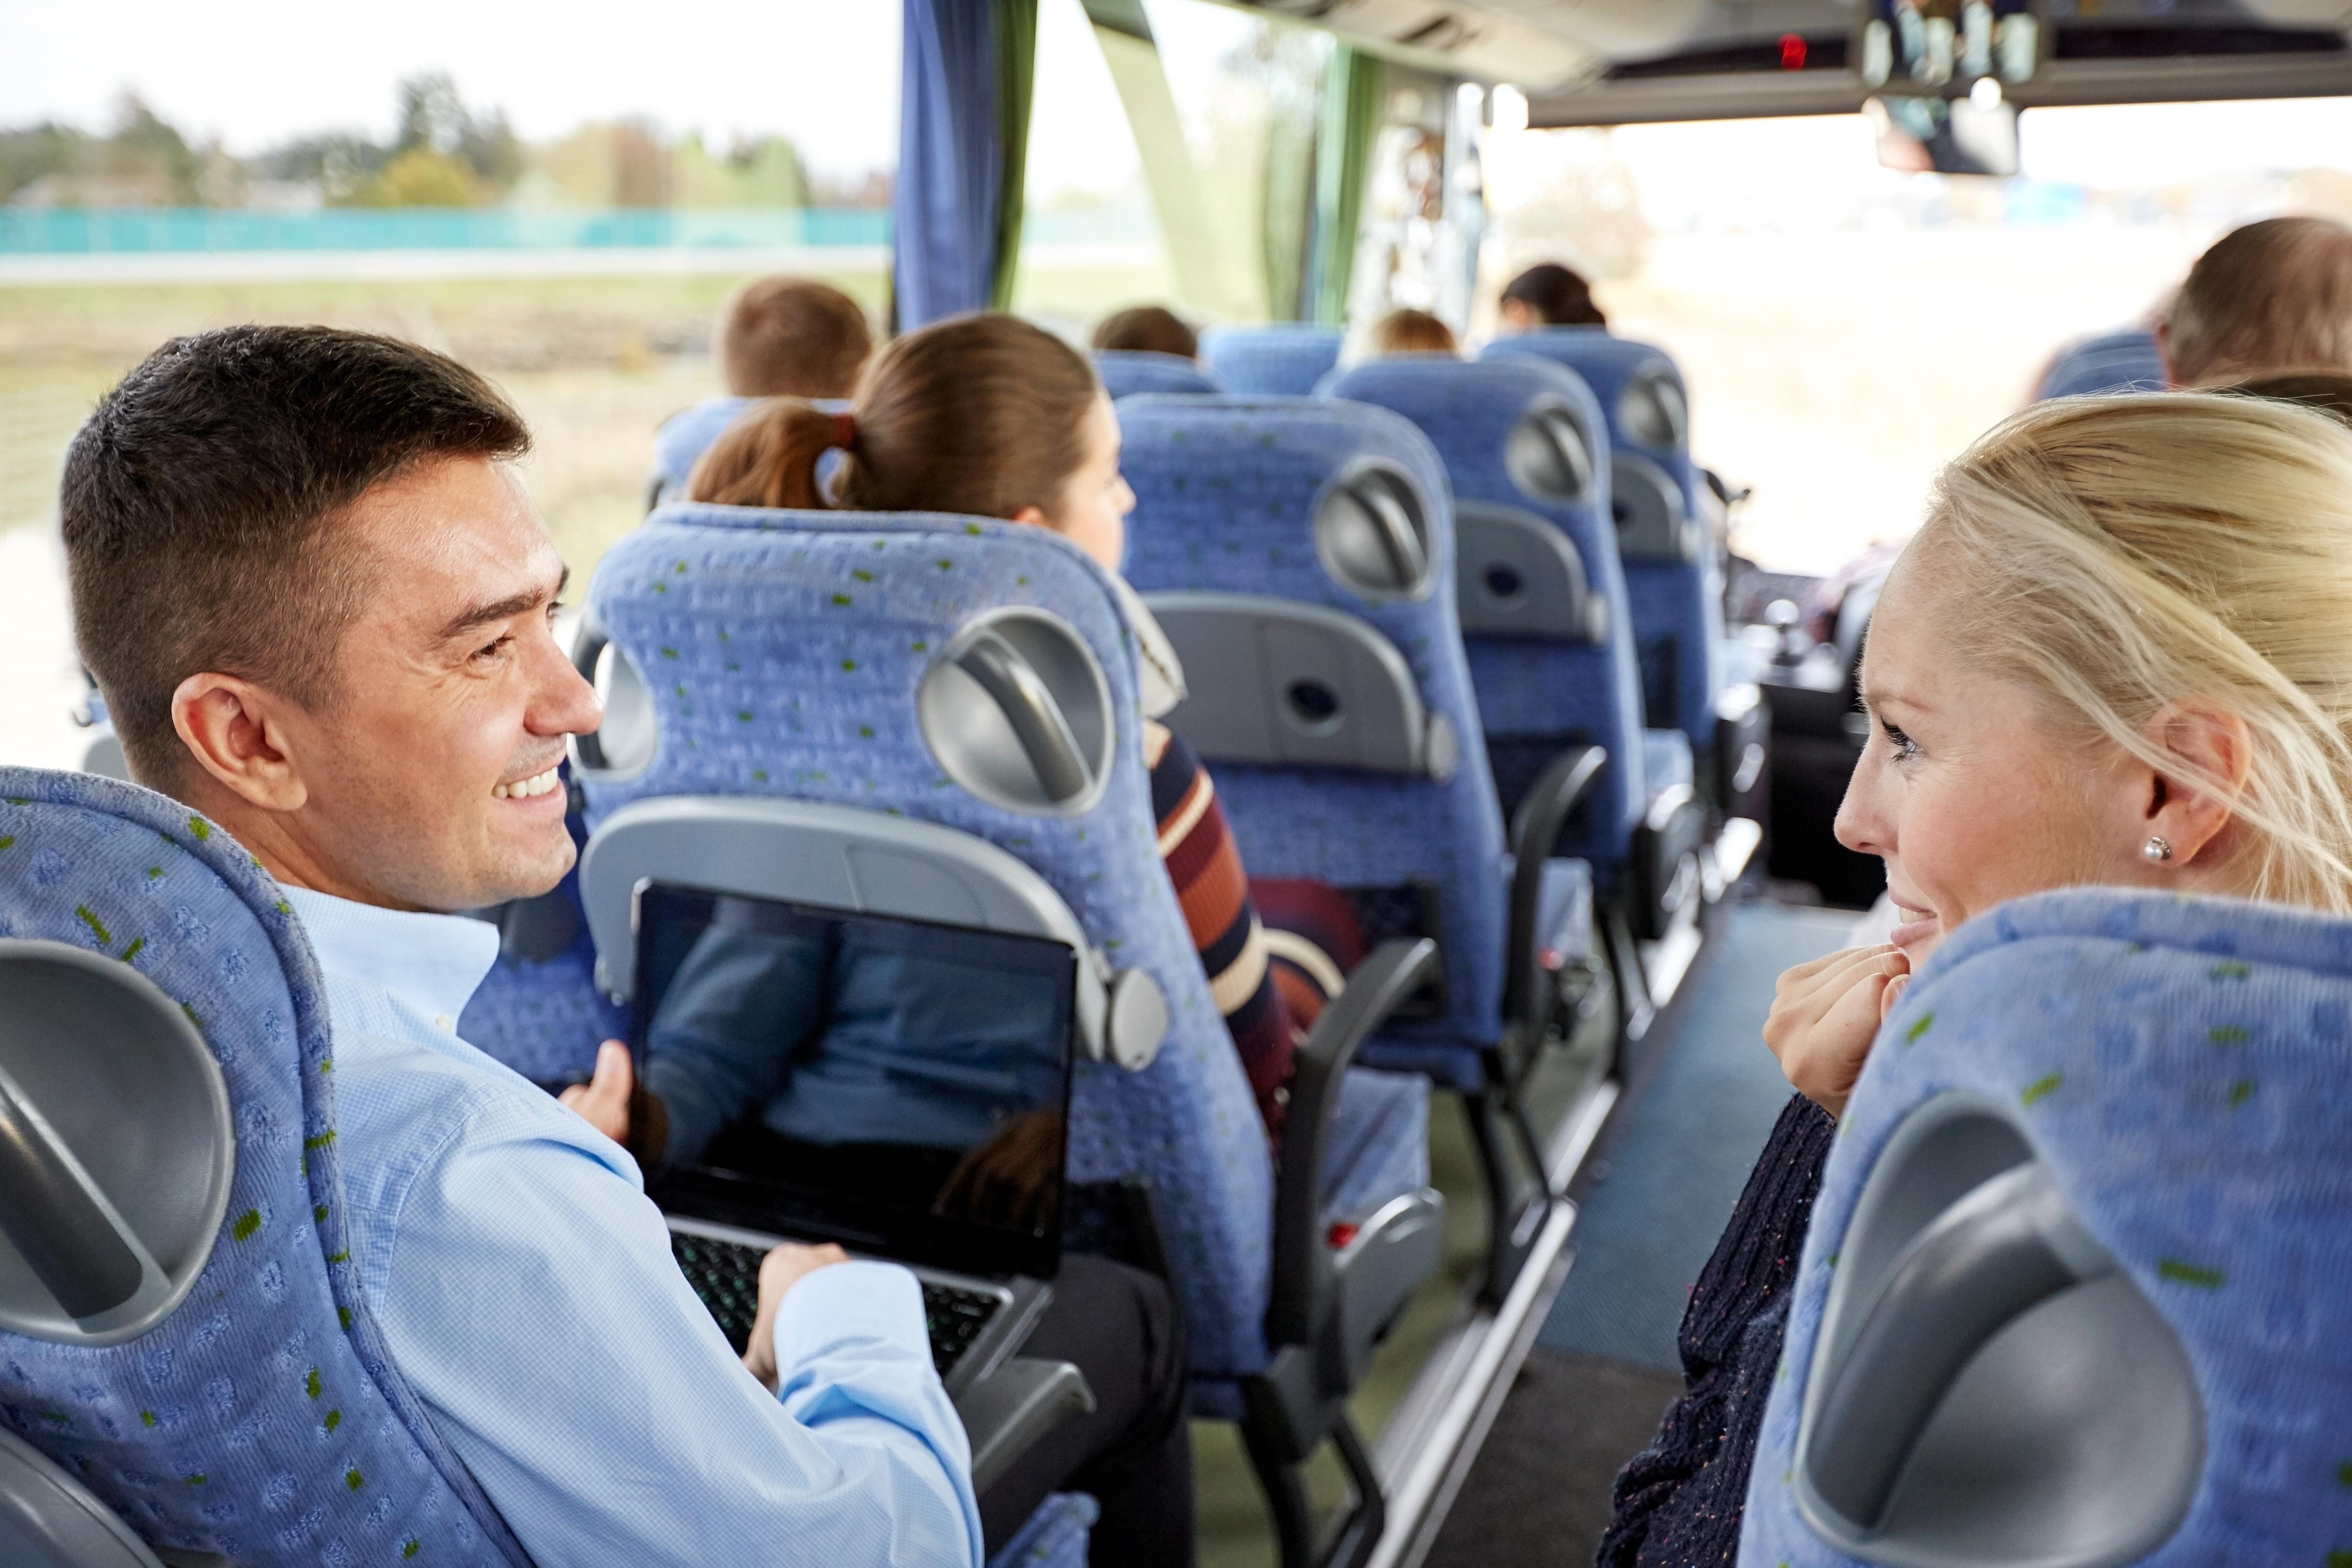 Nuestros servicios: Servicios de Autocares Manolo Paradela